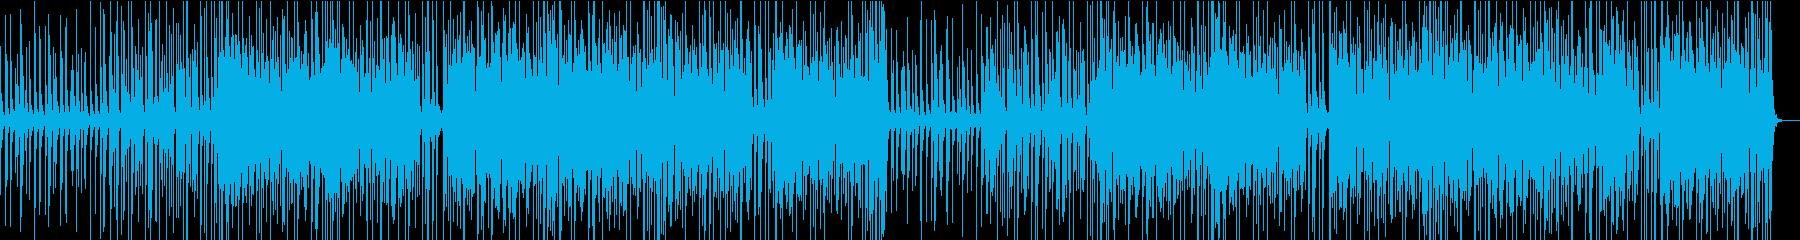 軽快なビートの爽やかなBGMの再生済みの波形